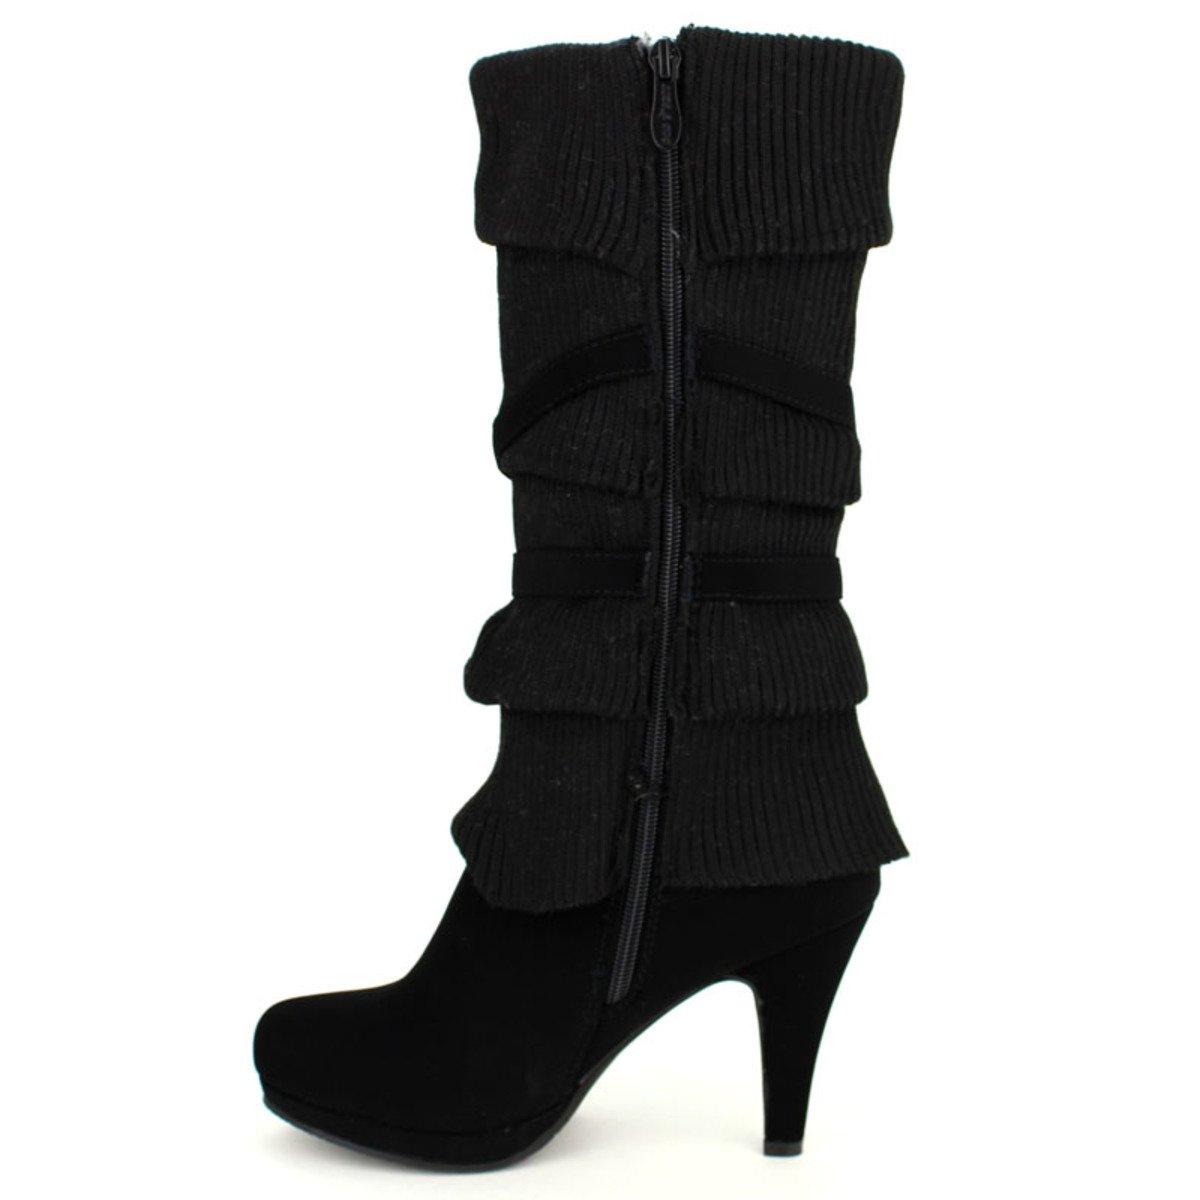 Noire Coline Guêtre Taille Femme Chaussures Botte 41 Cendriyon vqRz8FA